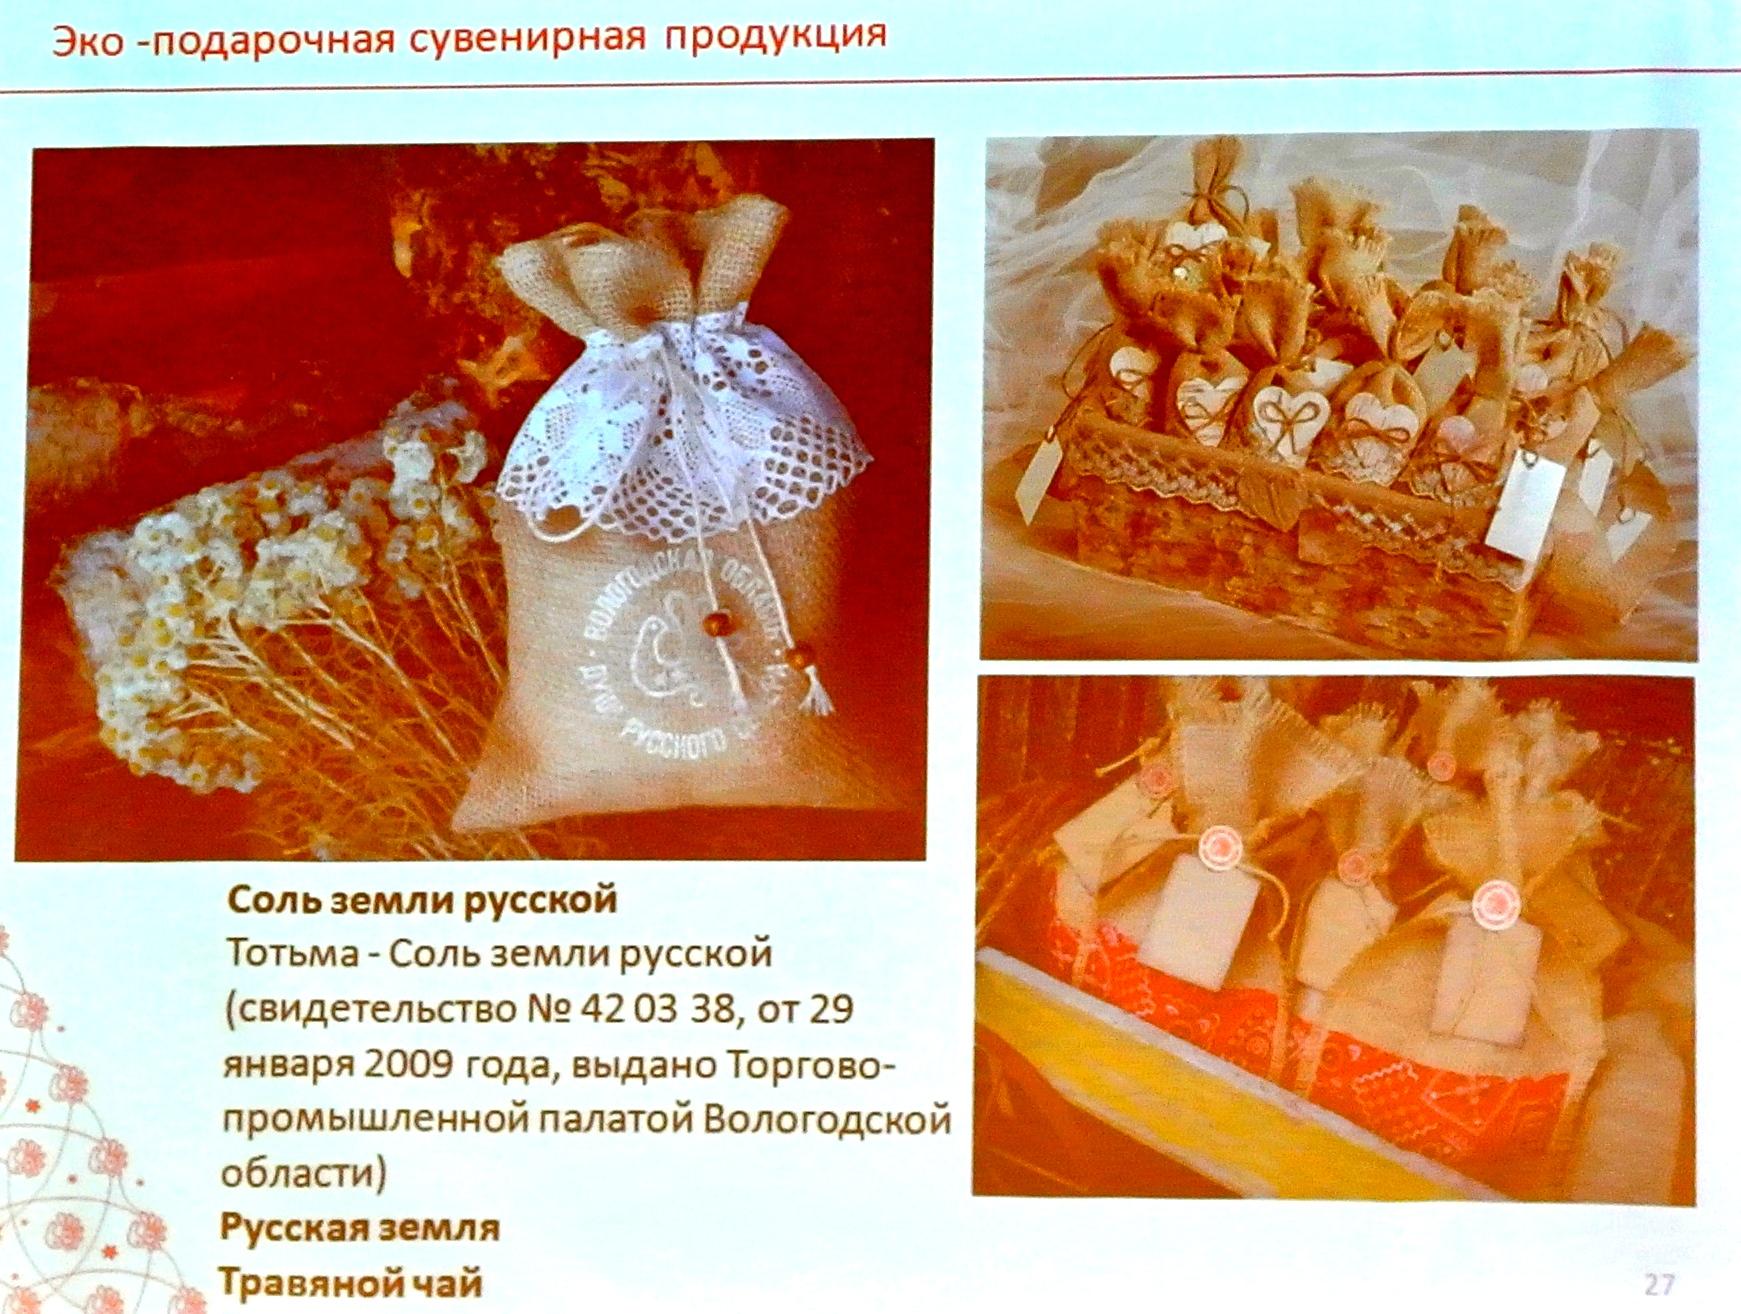 «Соль земли русской» в кружевных мешочках хотят продавать в Вологодской области